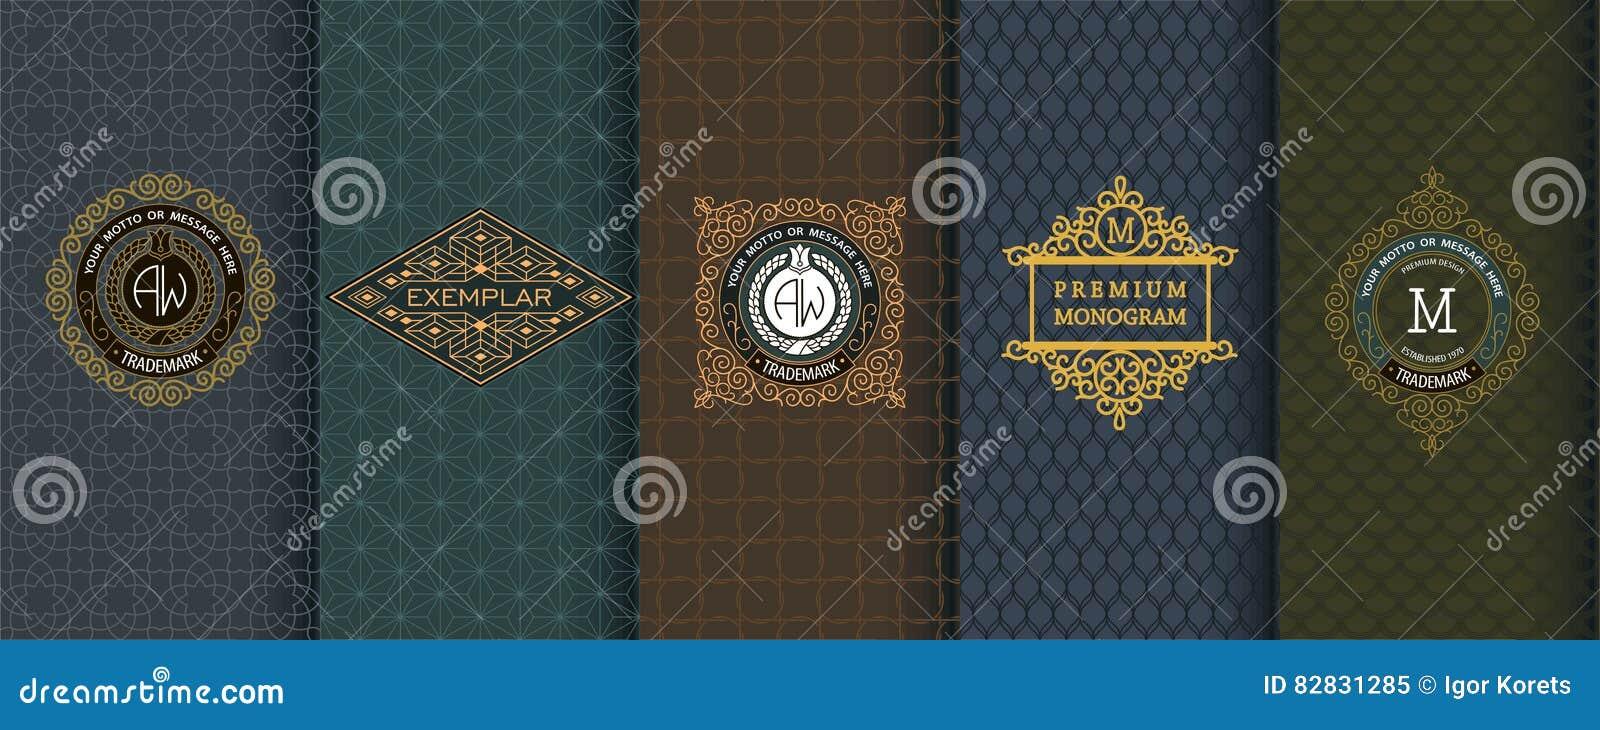 Elegante reeks ontwerpelementen, etiketten, pictogram, kaders, naadloze achtergronden